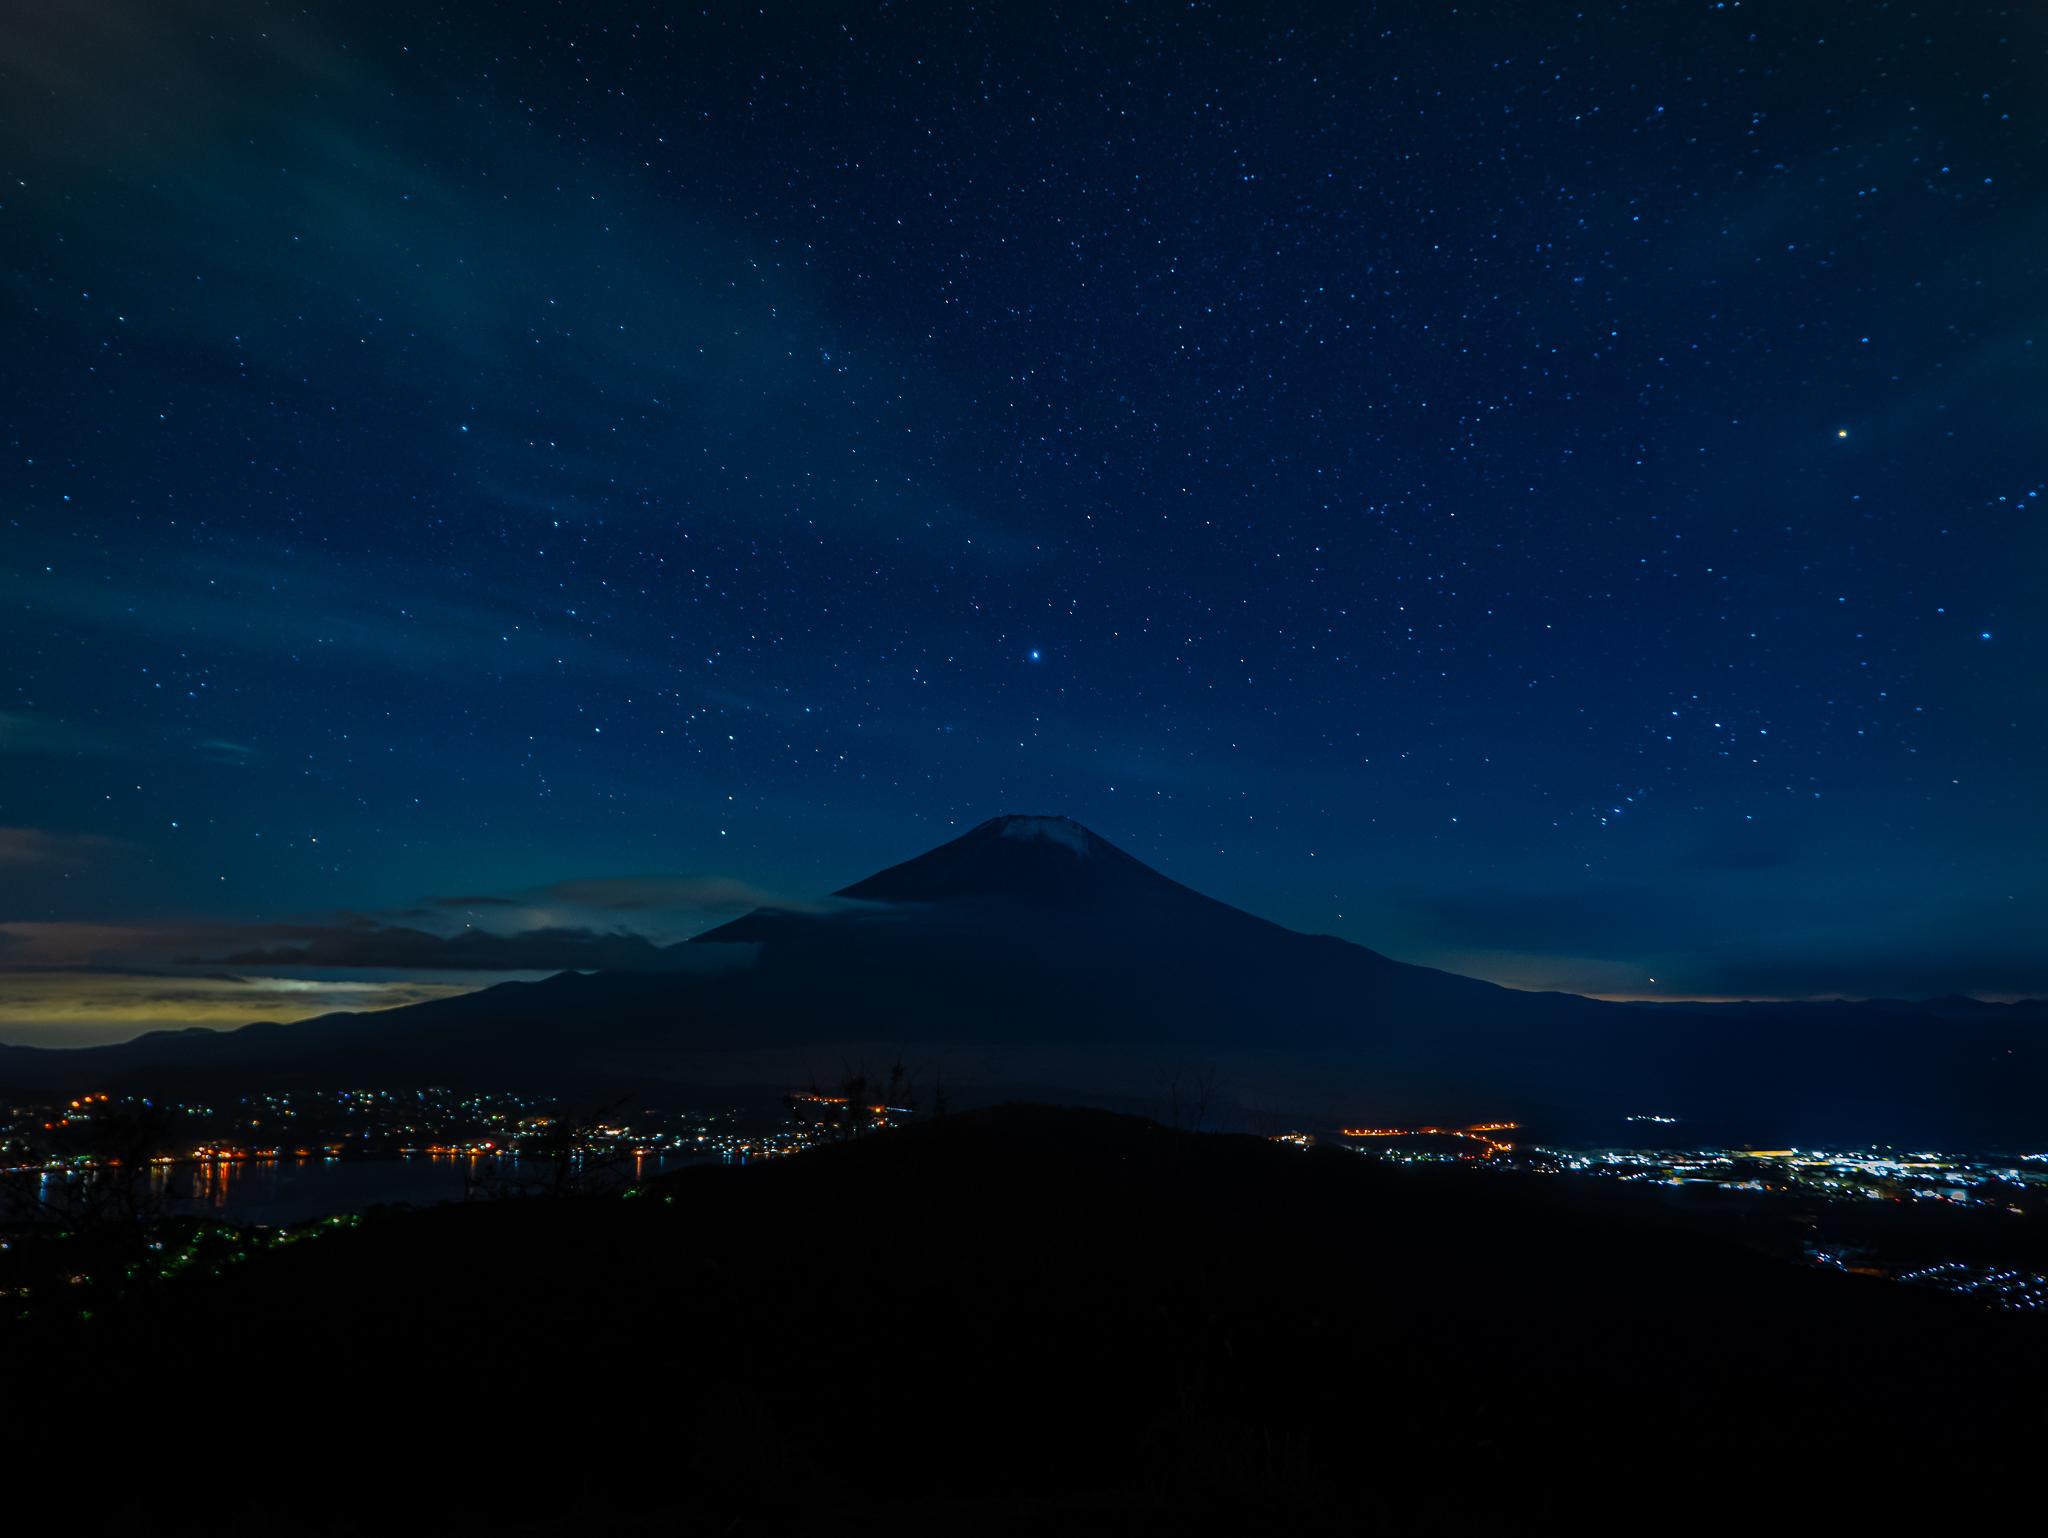 【富士山写真】2020年12月28日 山中湖村石割山